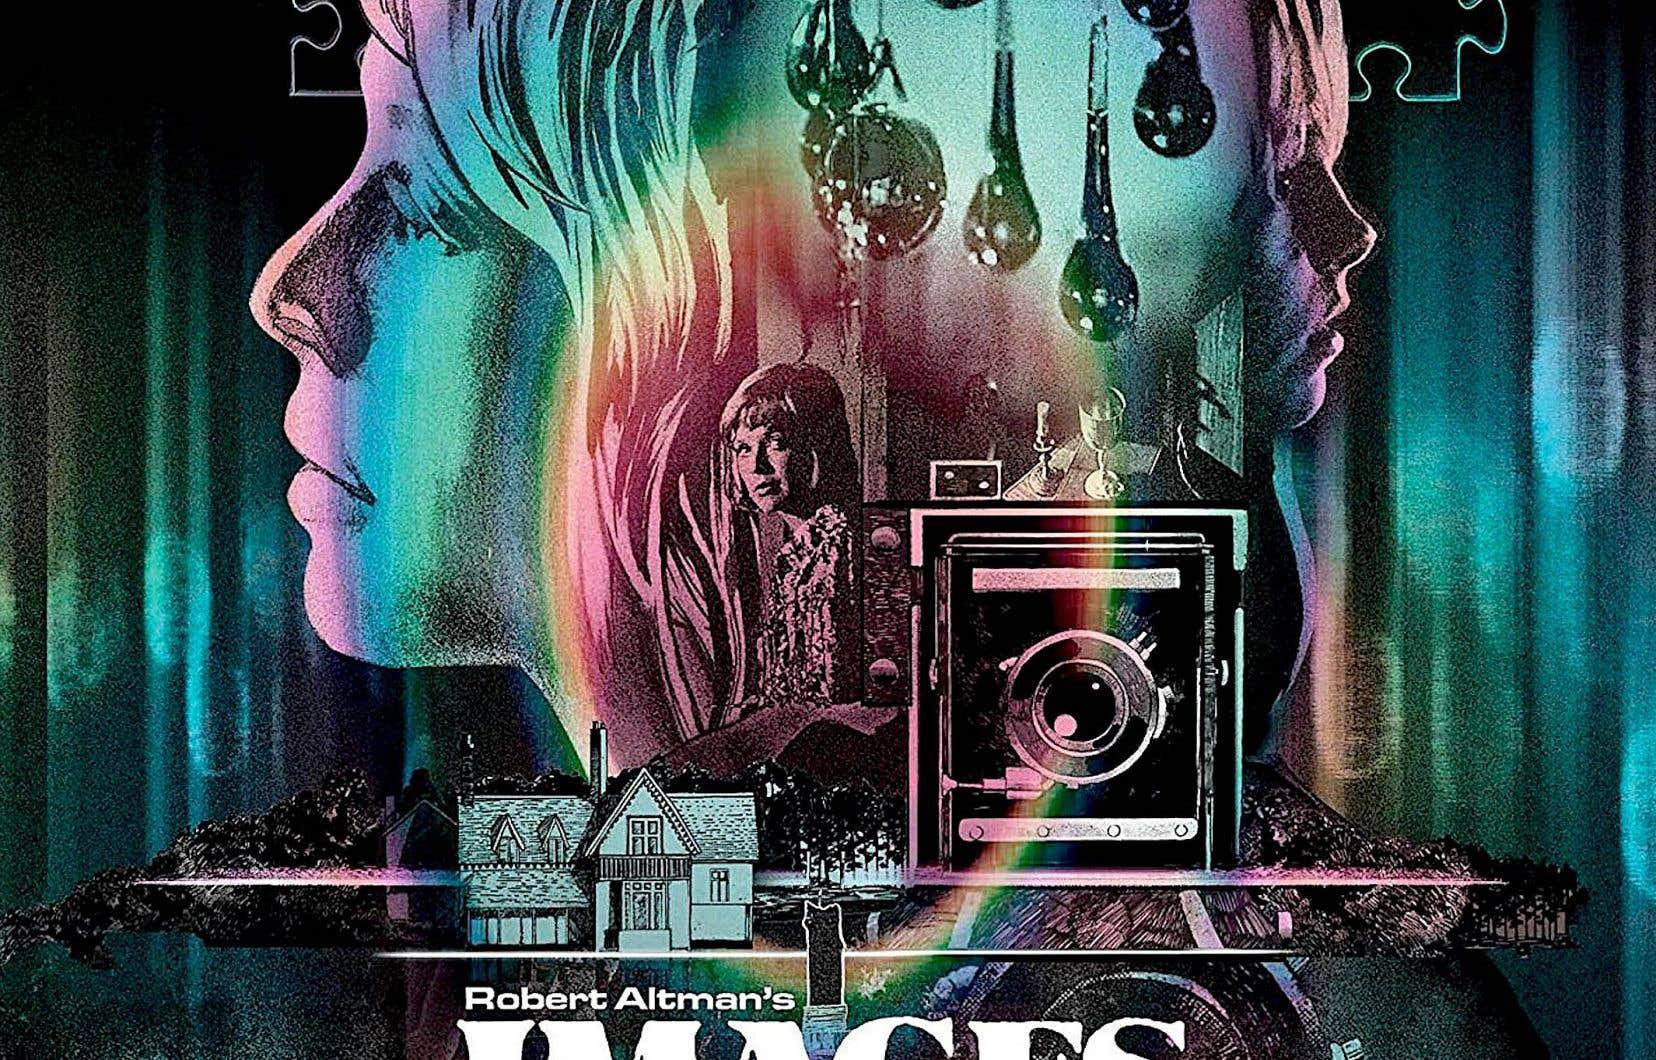 «Images», de Robert Altman, a valu le prix d'interprétation féminine à Susannah York au Festival de Cannes en 1972.